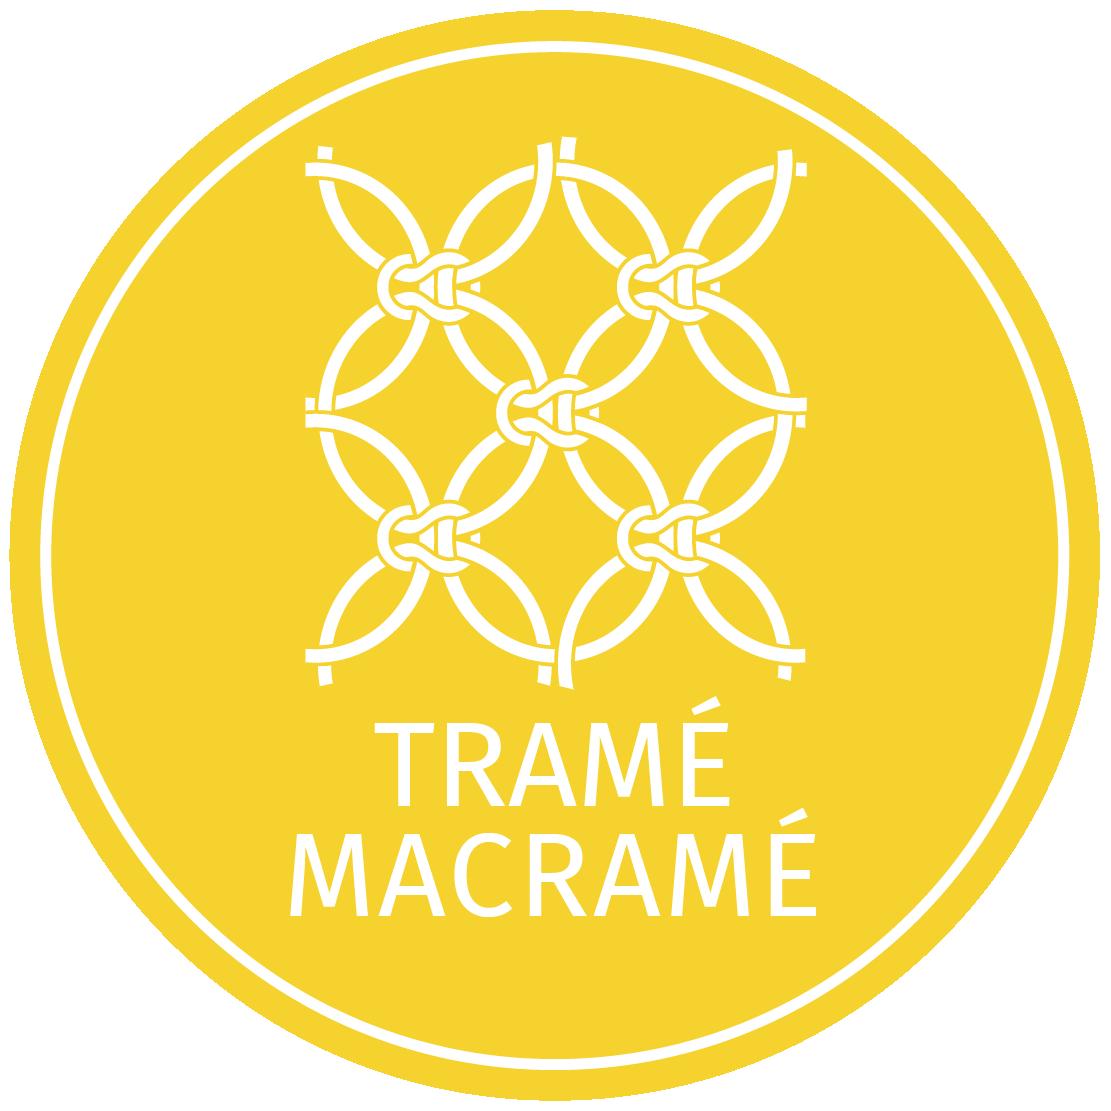 Tramé Macramé